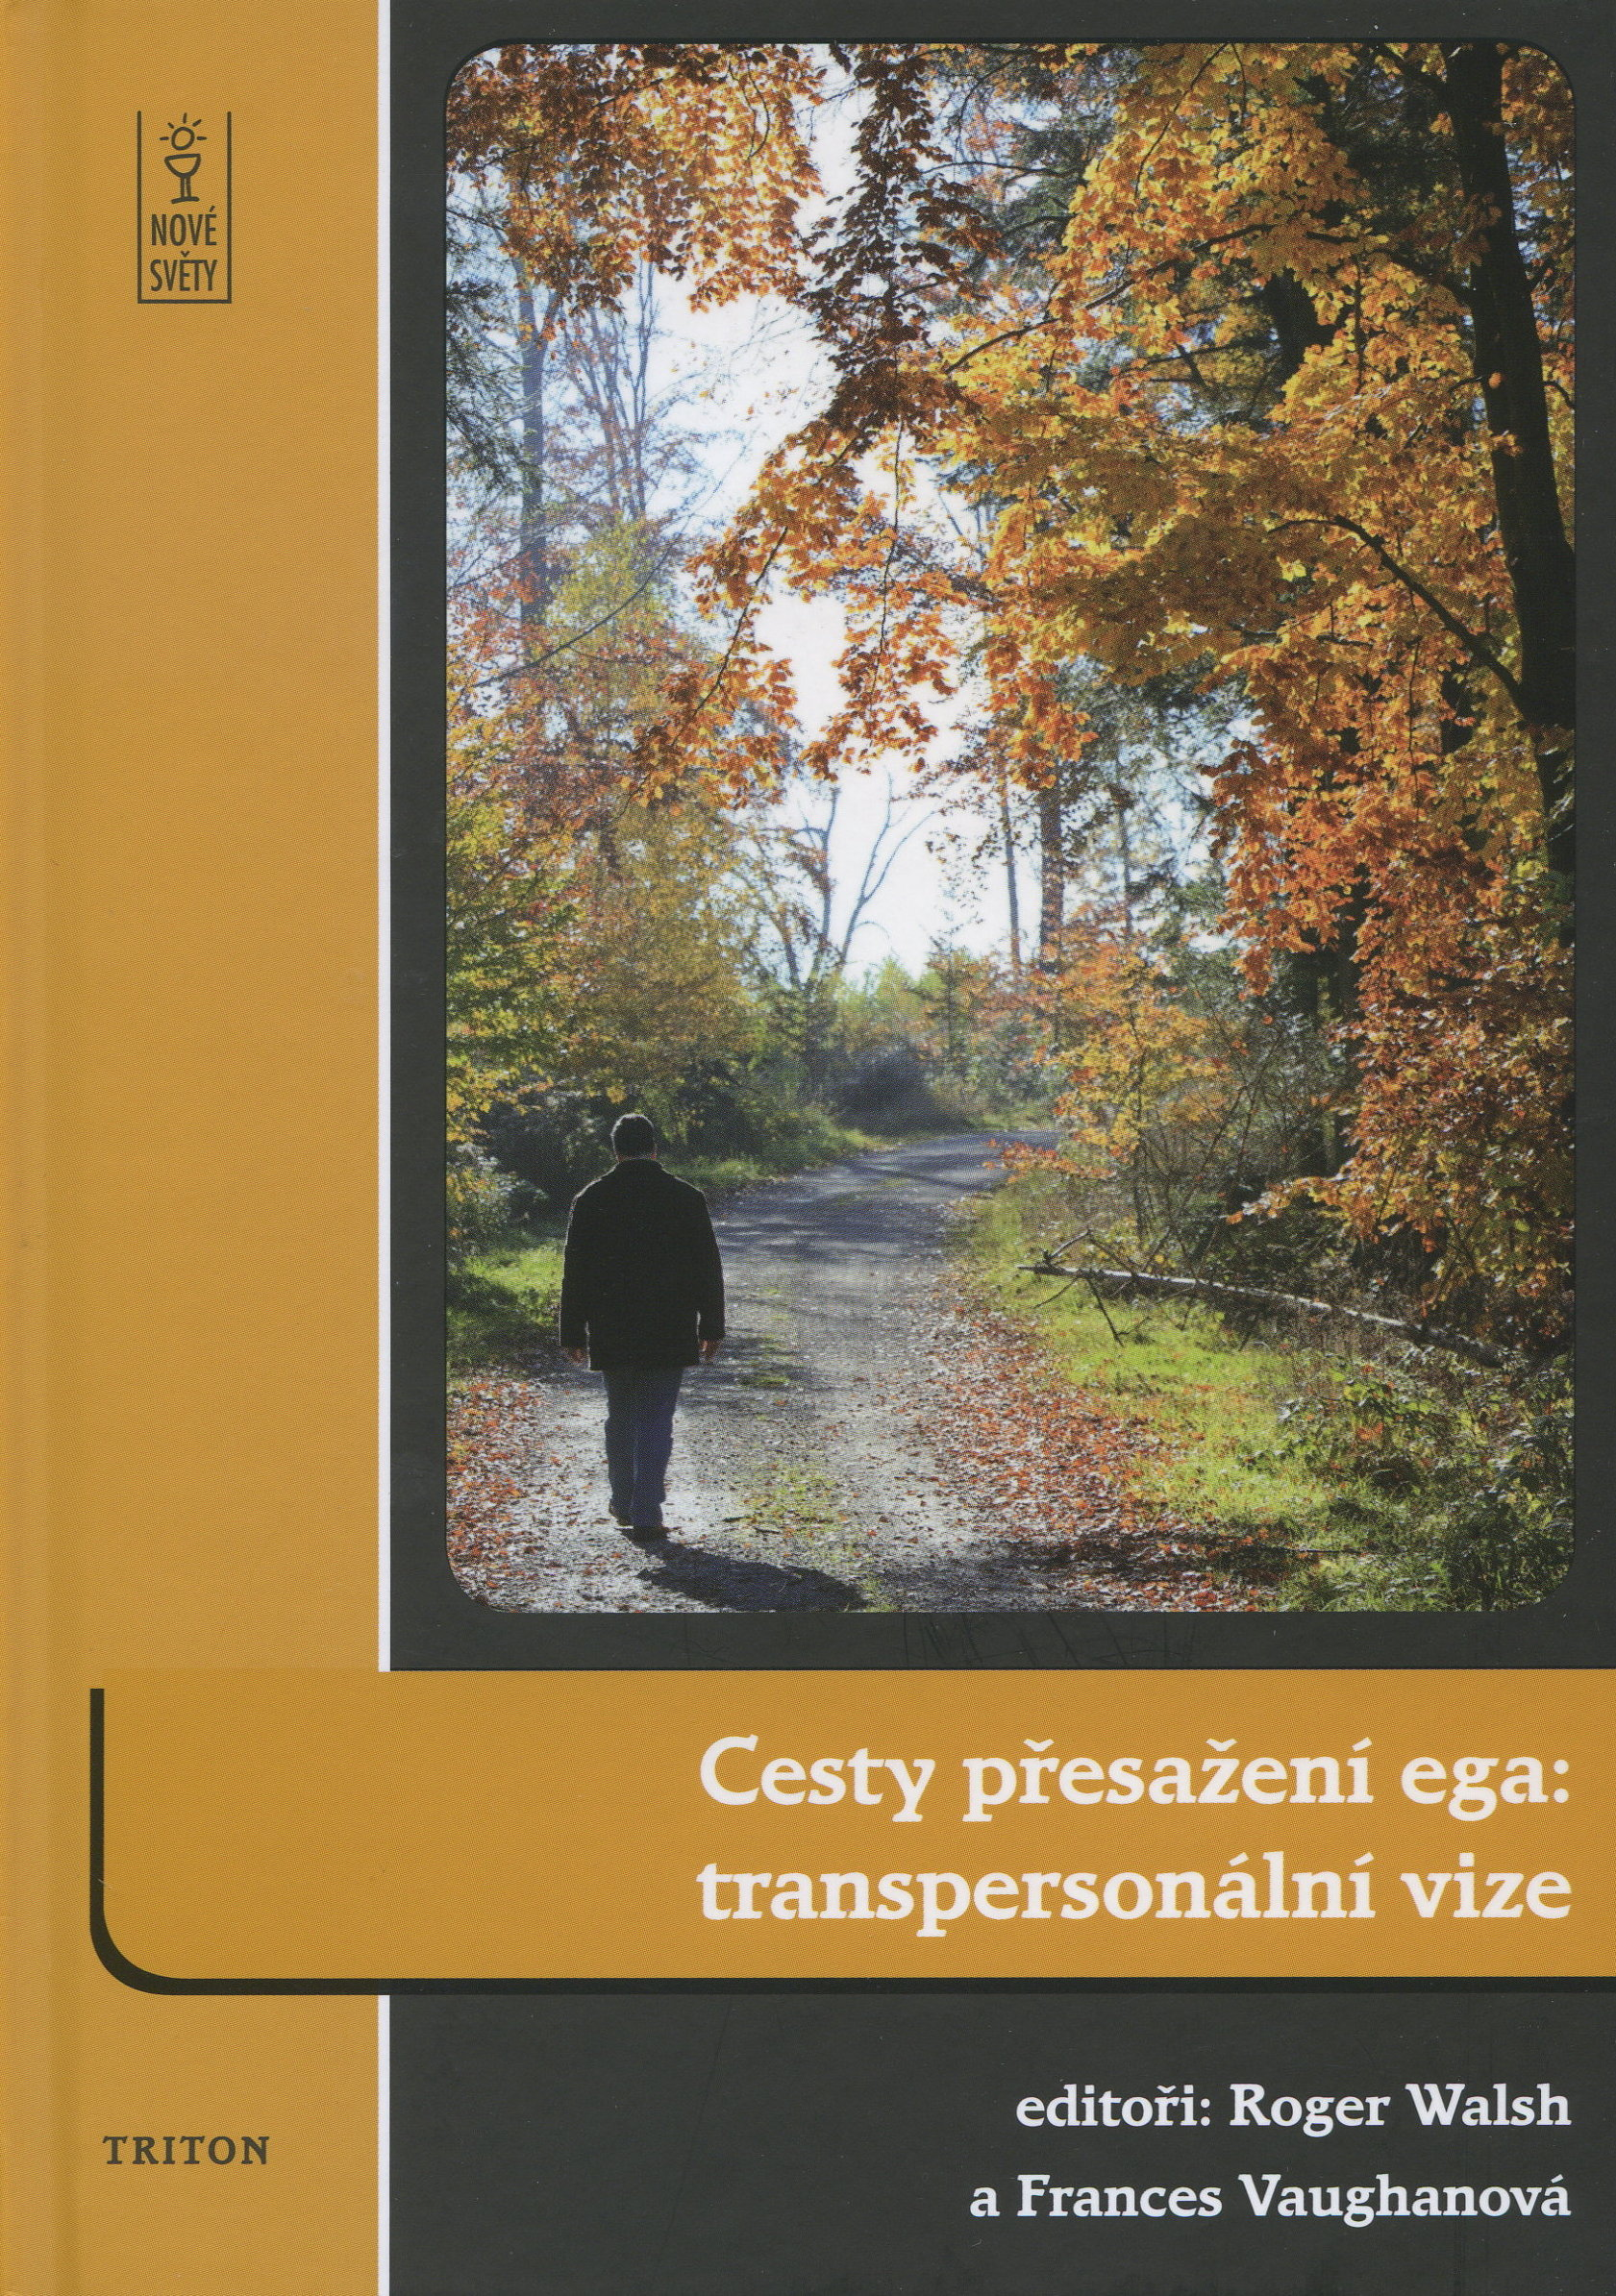 Cesty přesažení ega: transpersonální vize